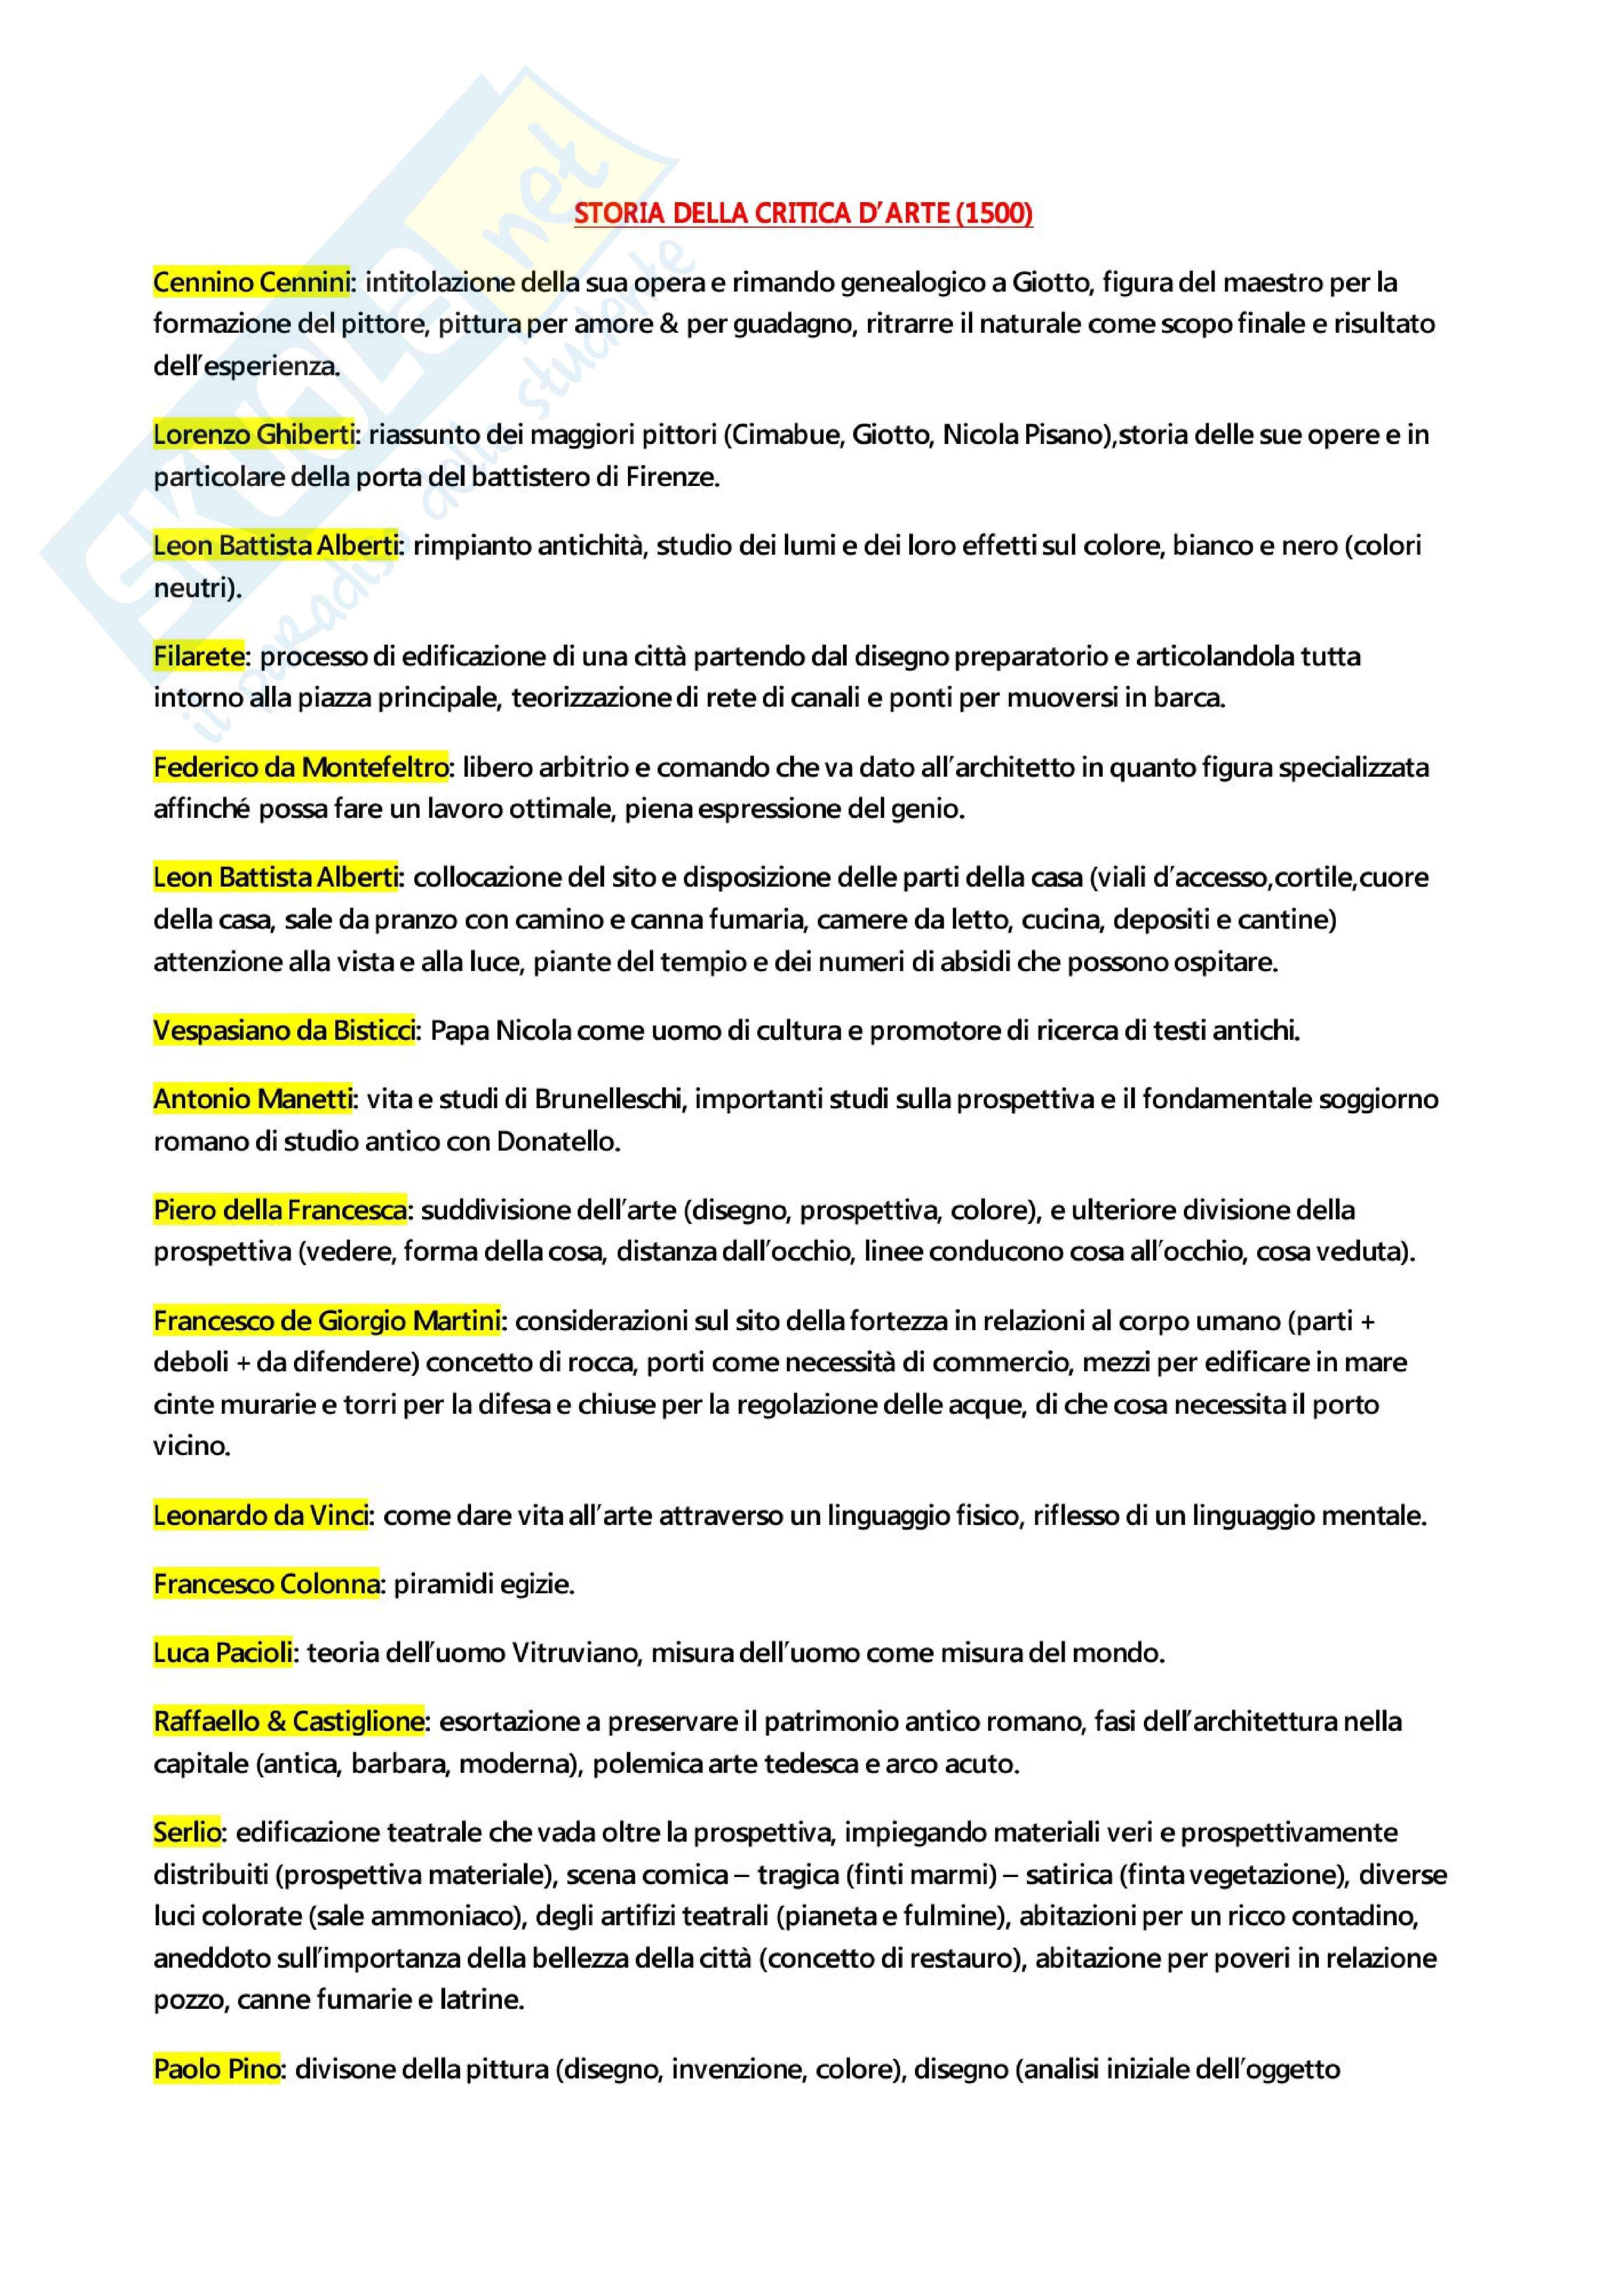 Fonti per la Storia dell'arte nel Rinascimento, Pigozzi - Appunti